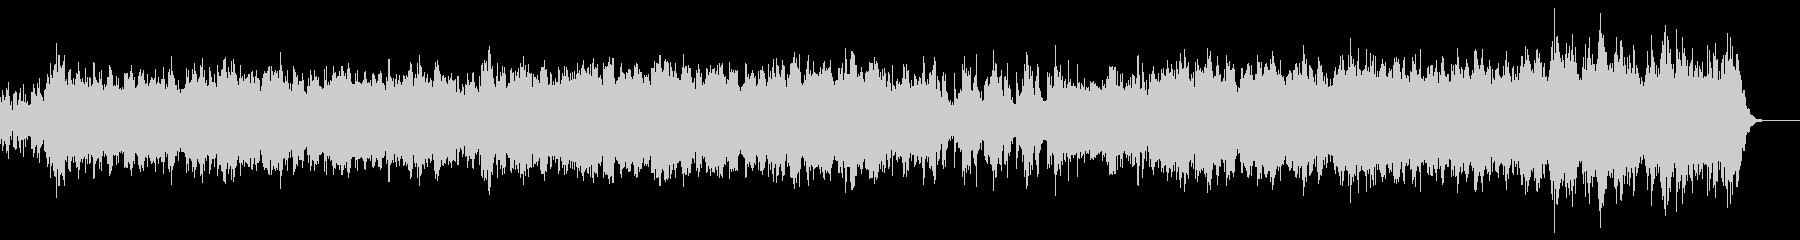 アンビエント系の幻想的なBGMの未再生の波形